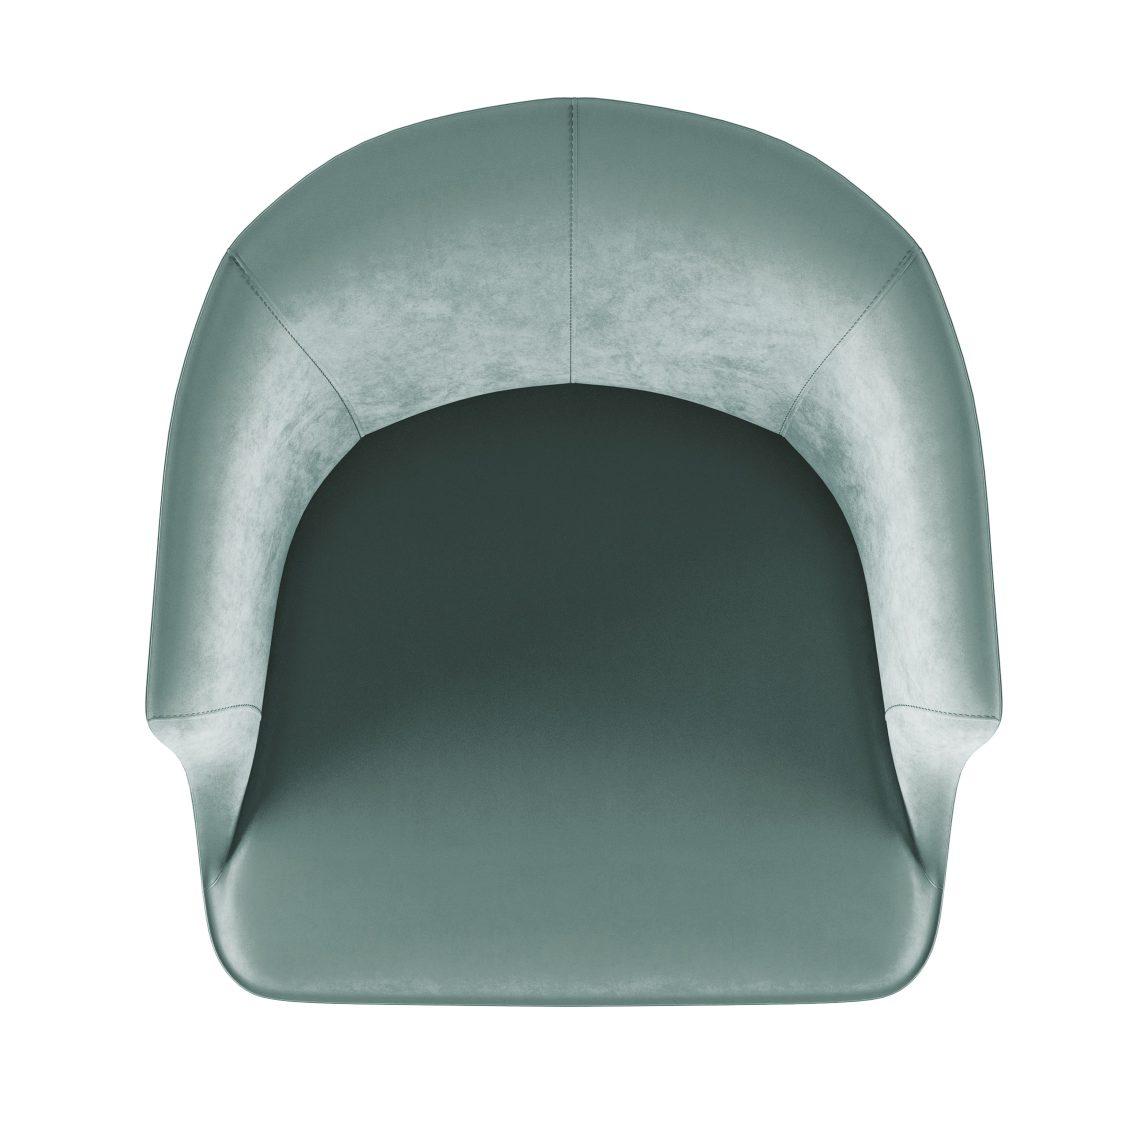 ар-деко кресло